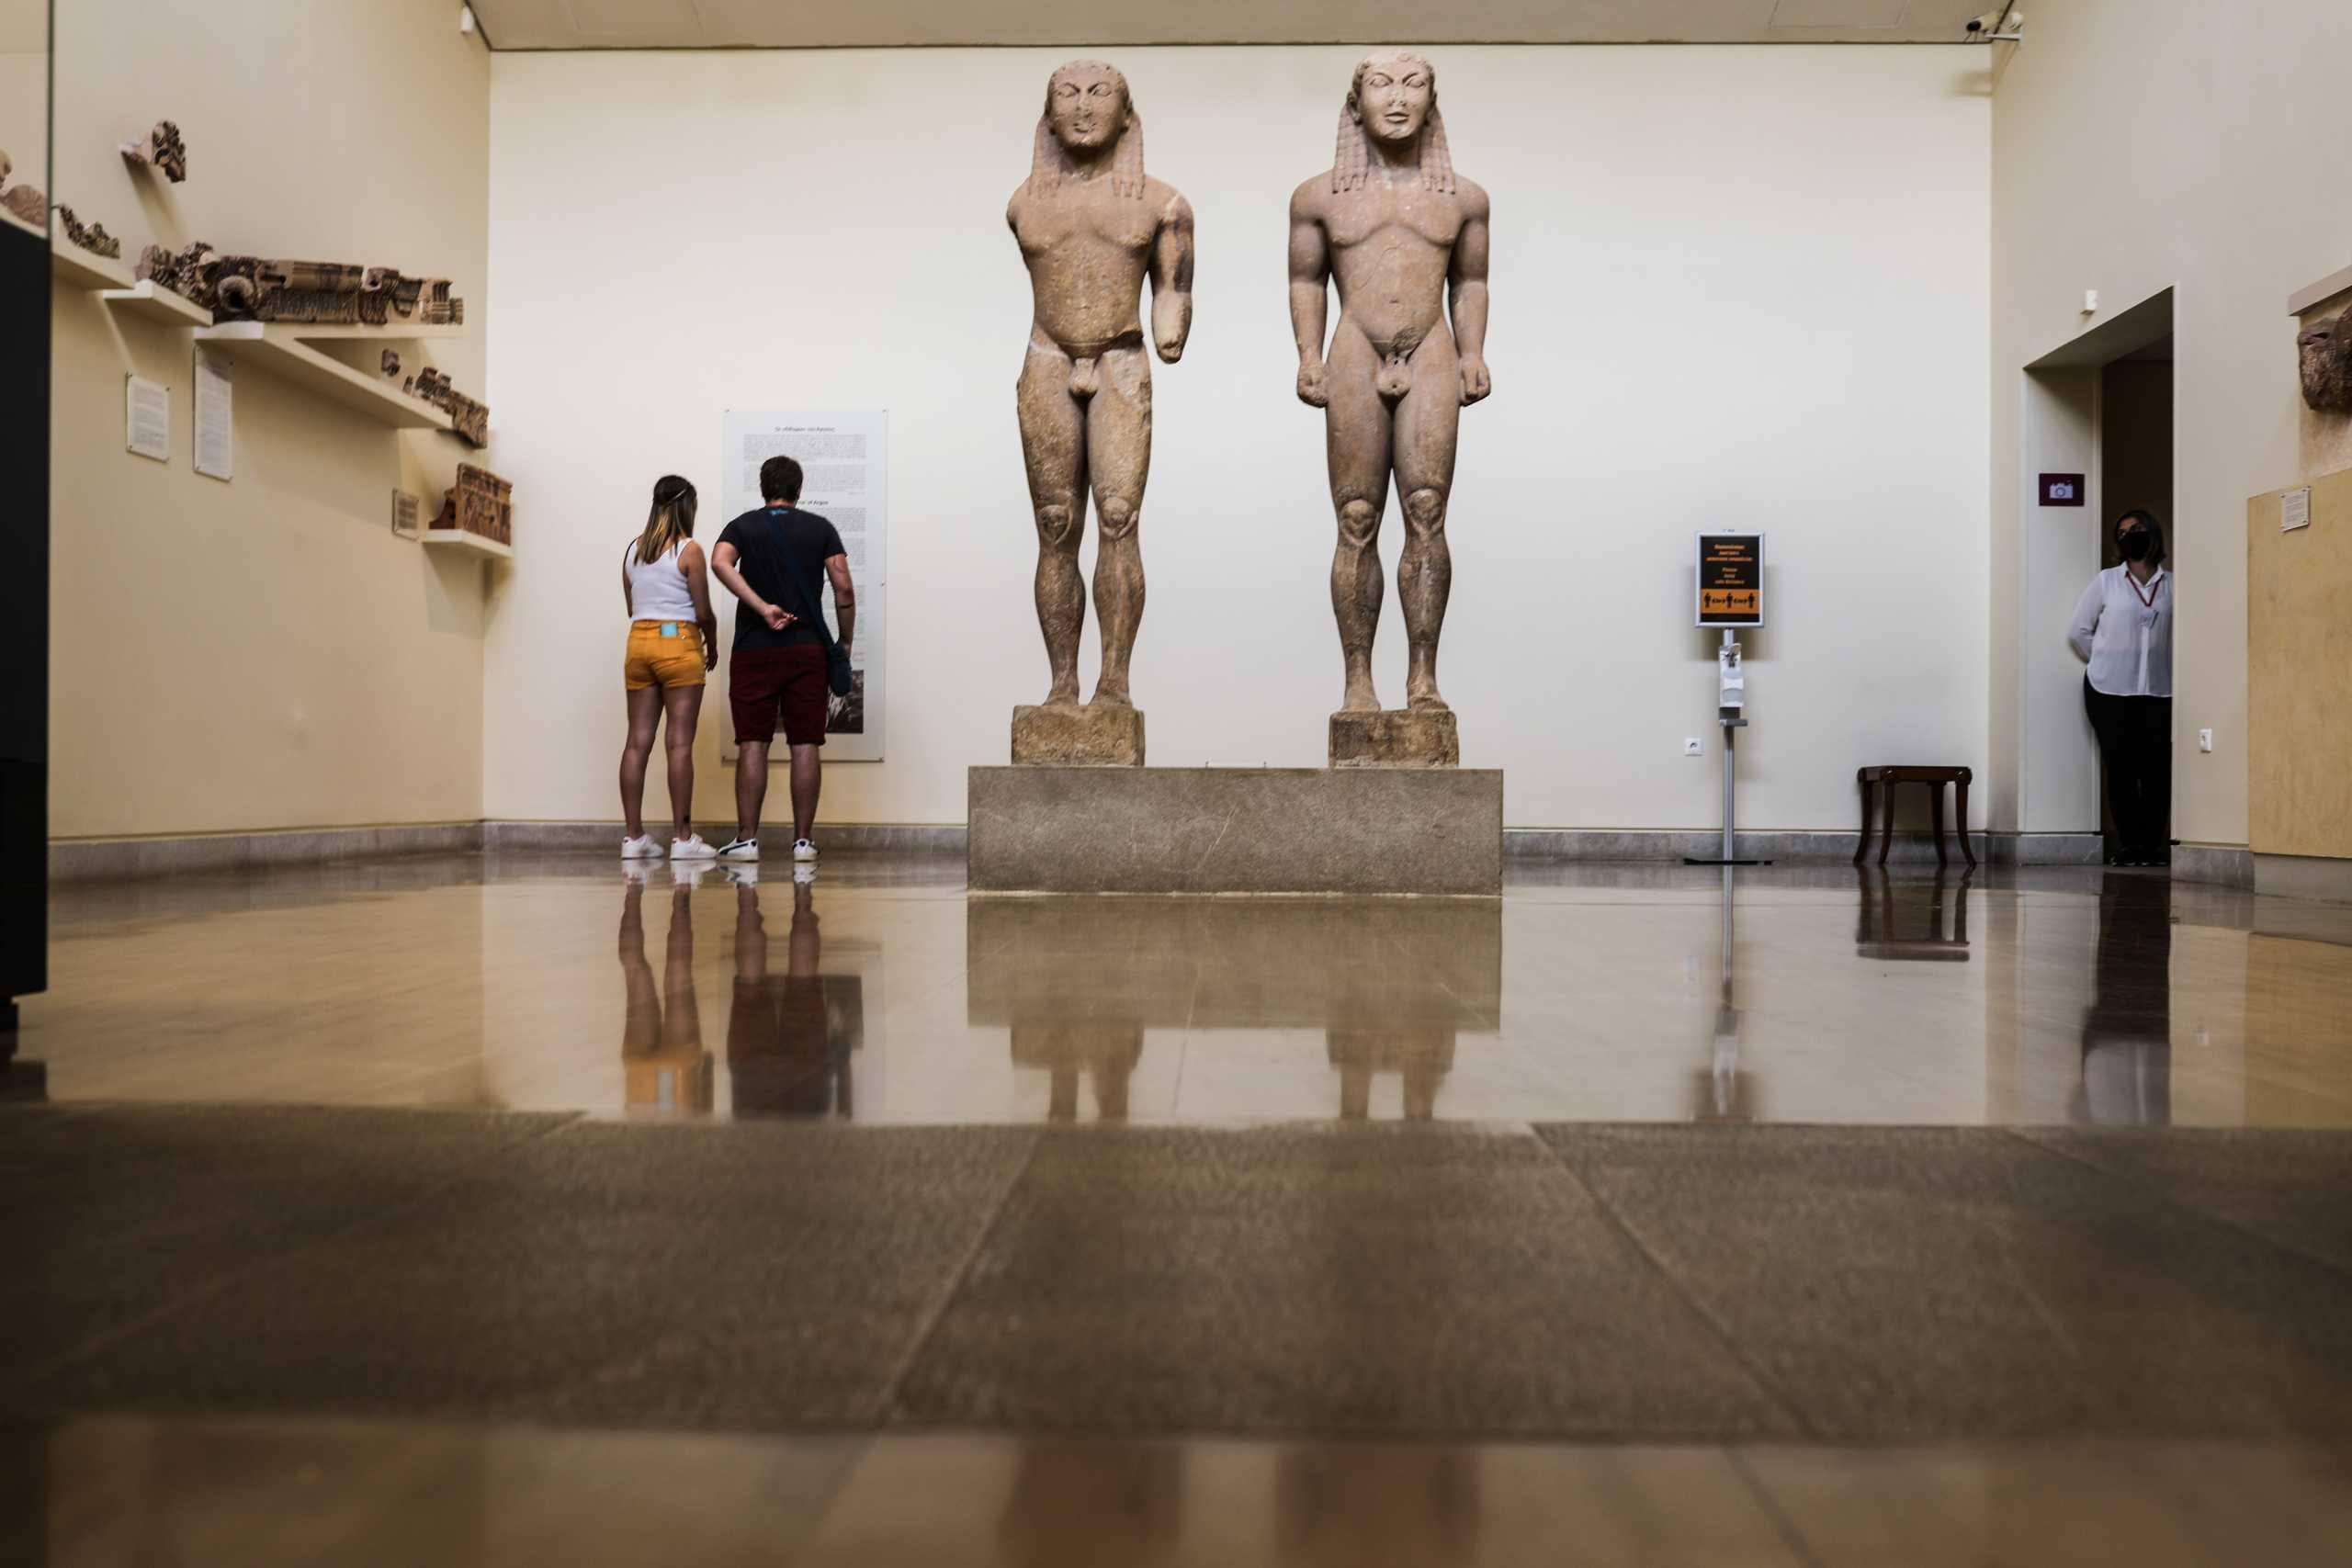 Μουσείο Δελφών: Ψηφιακά προσβάσιμο σε άτομα με αδυναμία στην κίνηση, την ακοή και την όραση